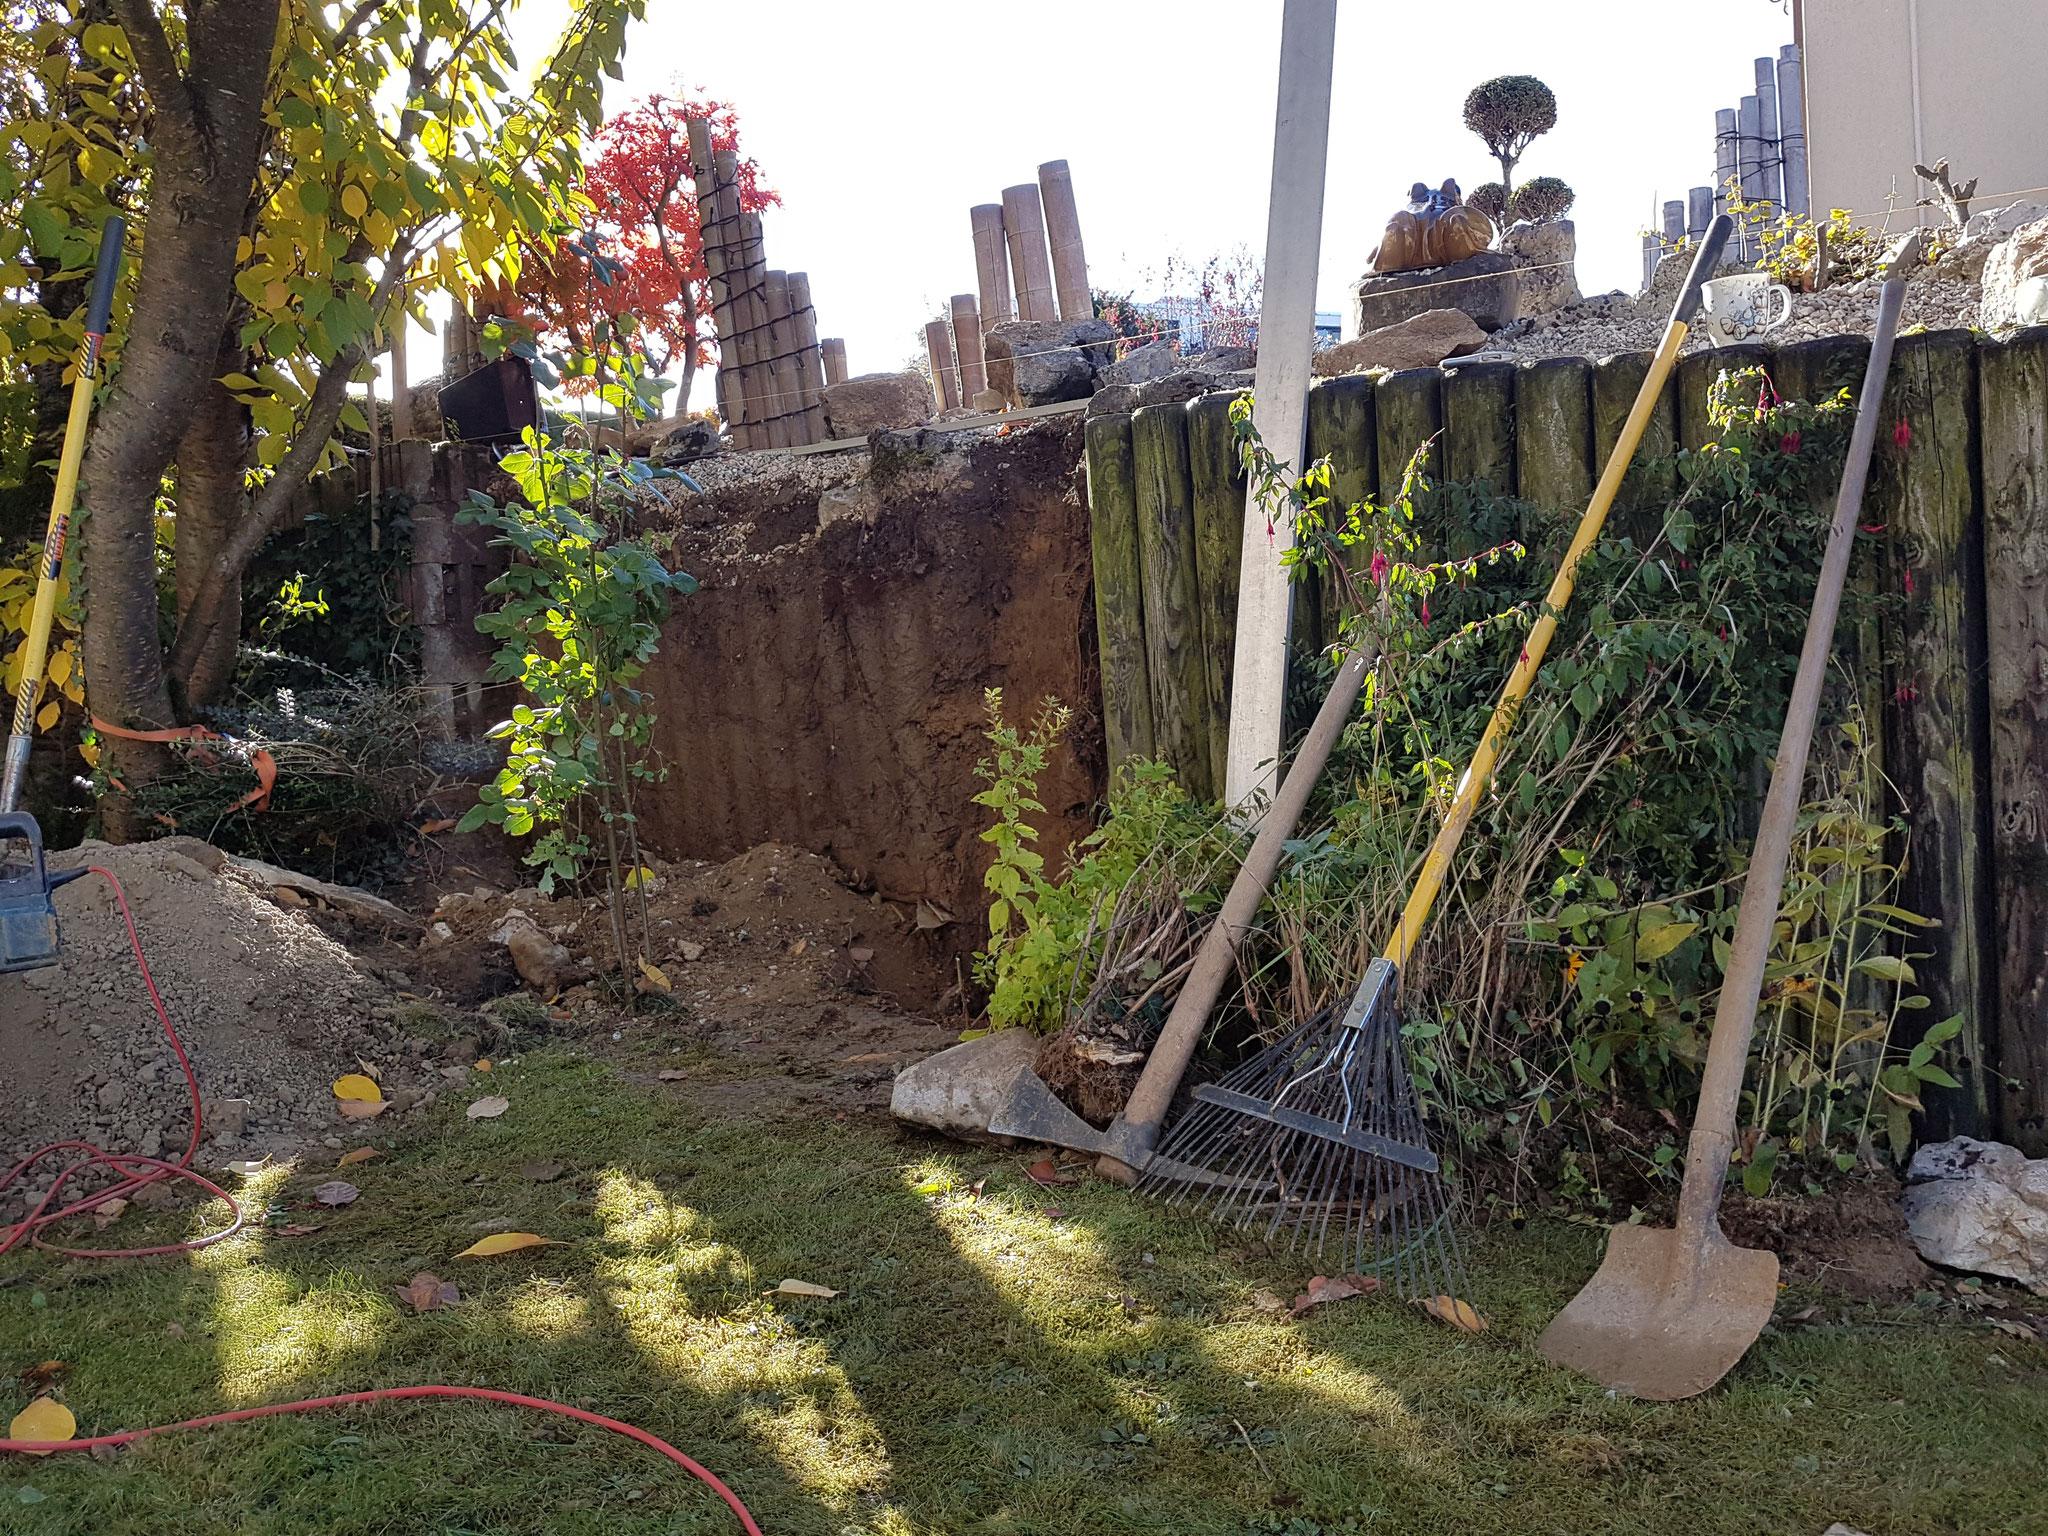 Projekt Stützmauer während den Arbeiten